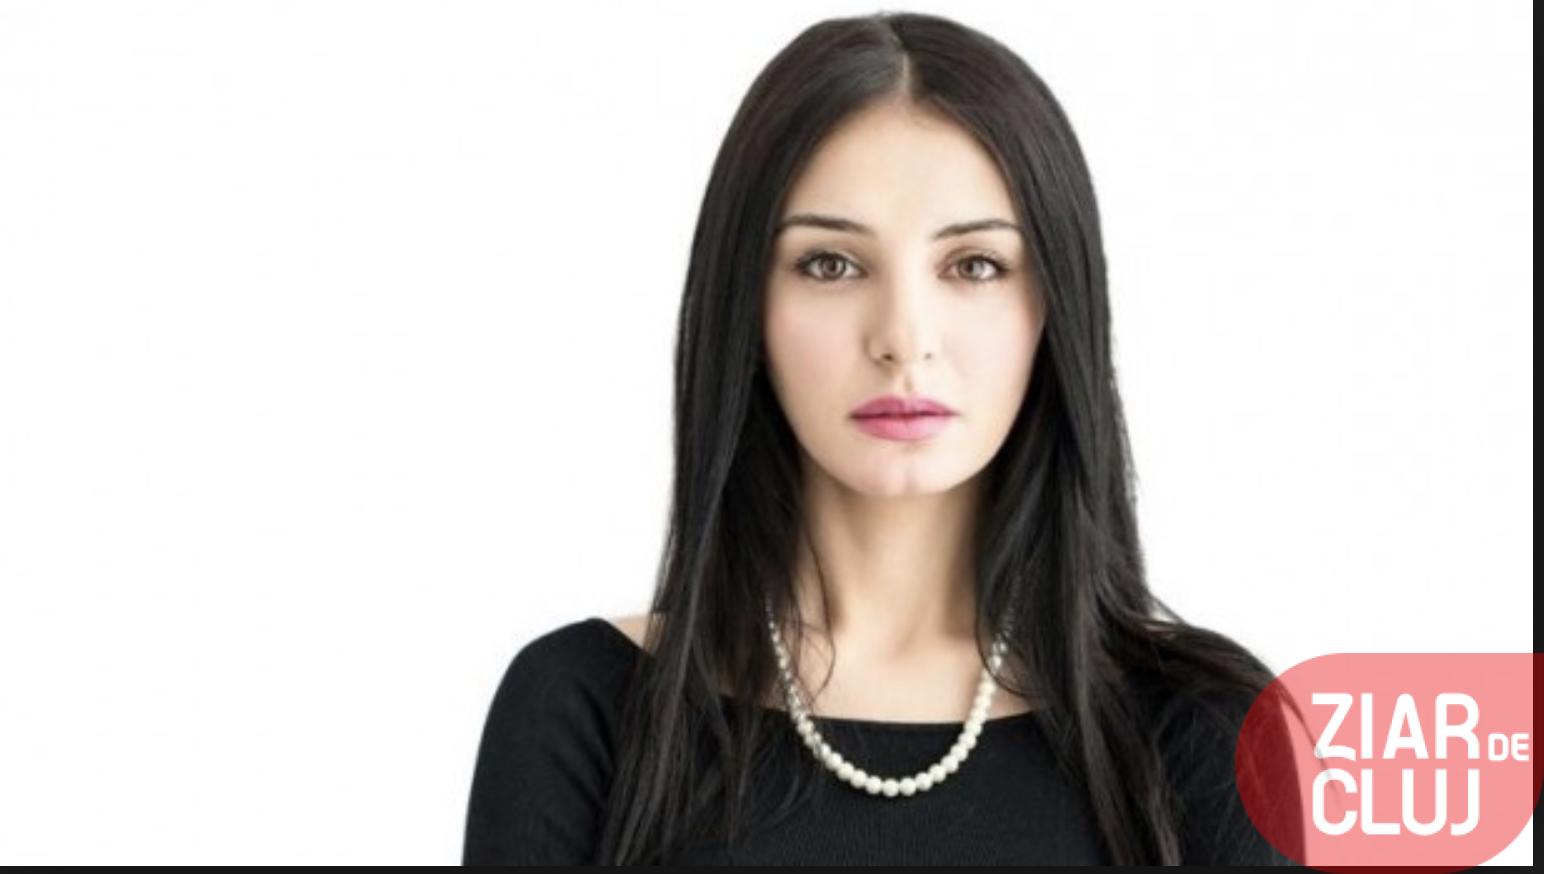 Cum a devenit cunoscuta Vanessa Youness Amal?